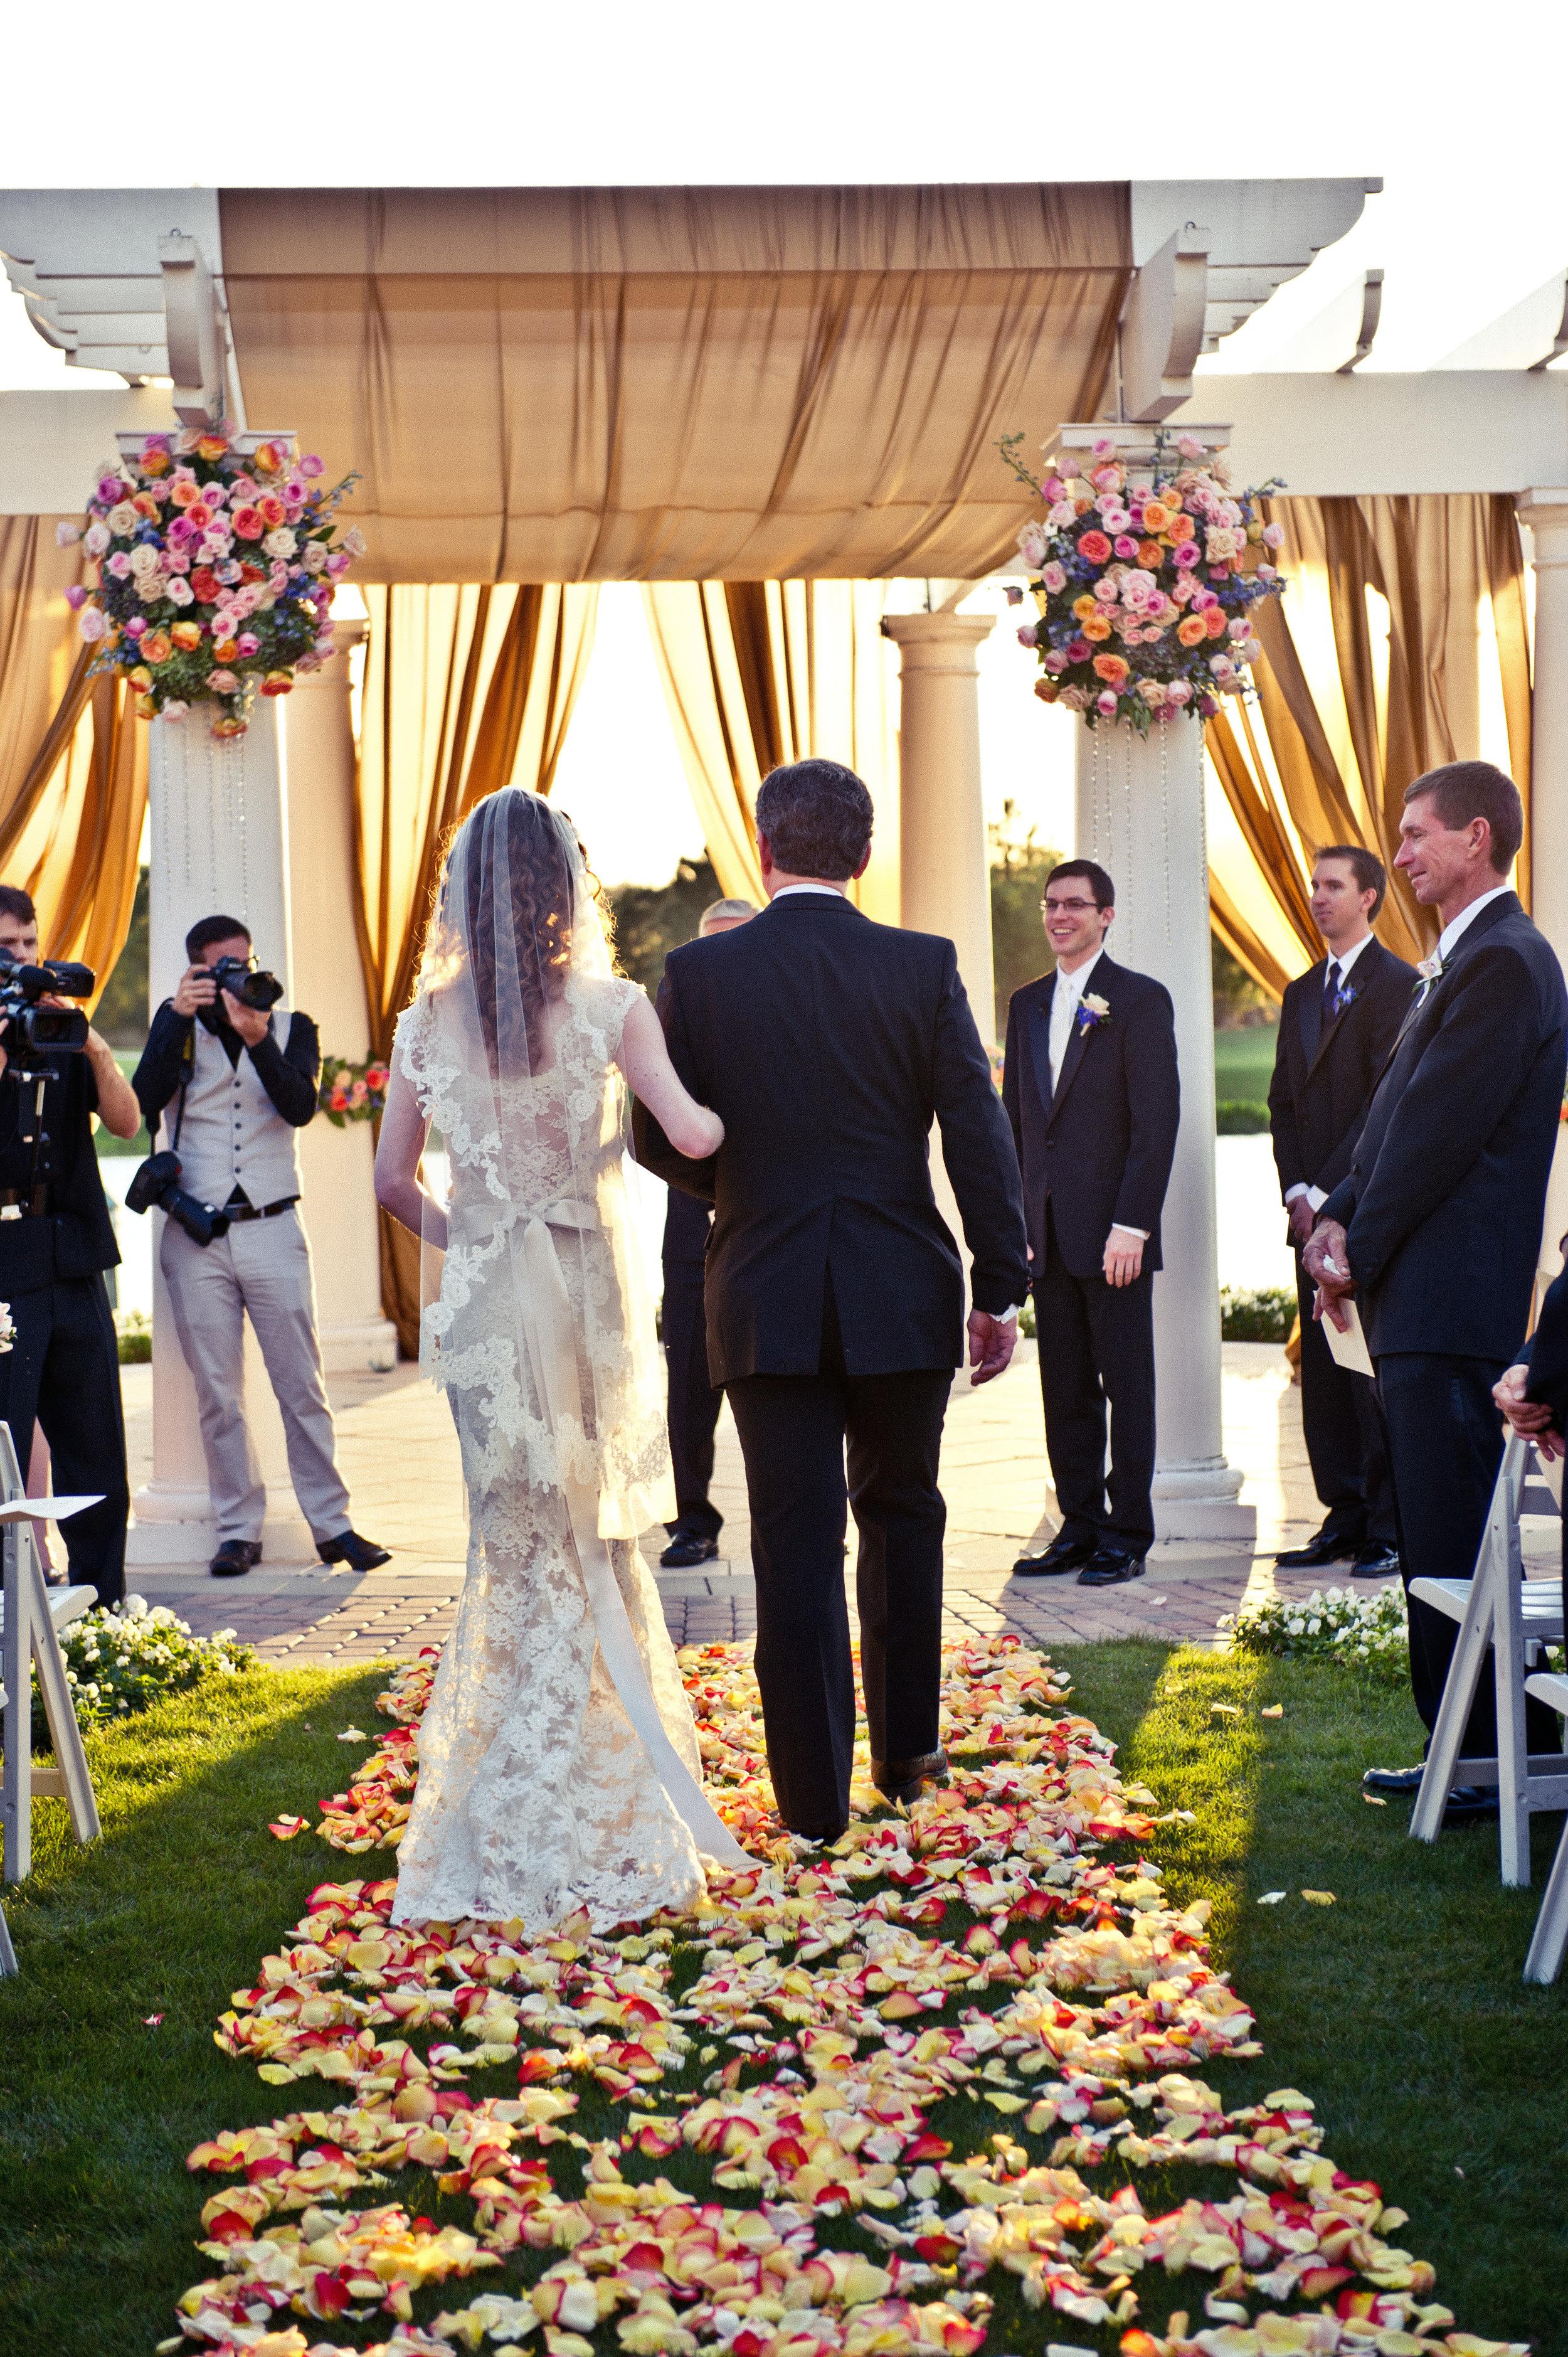 Wedding-0352-(ZF-8051-82656-1-352).jpg